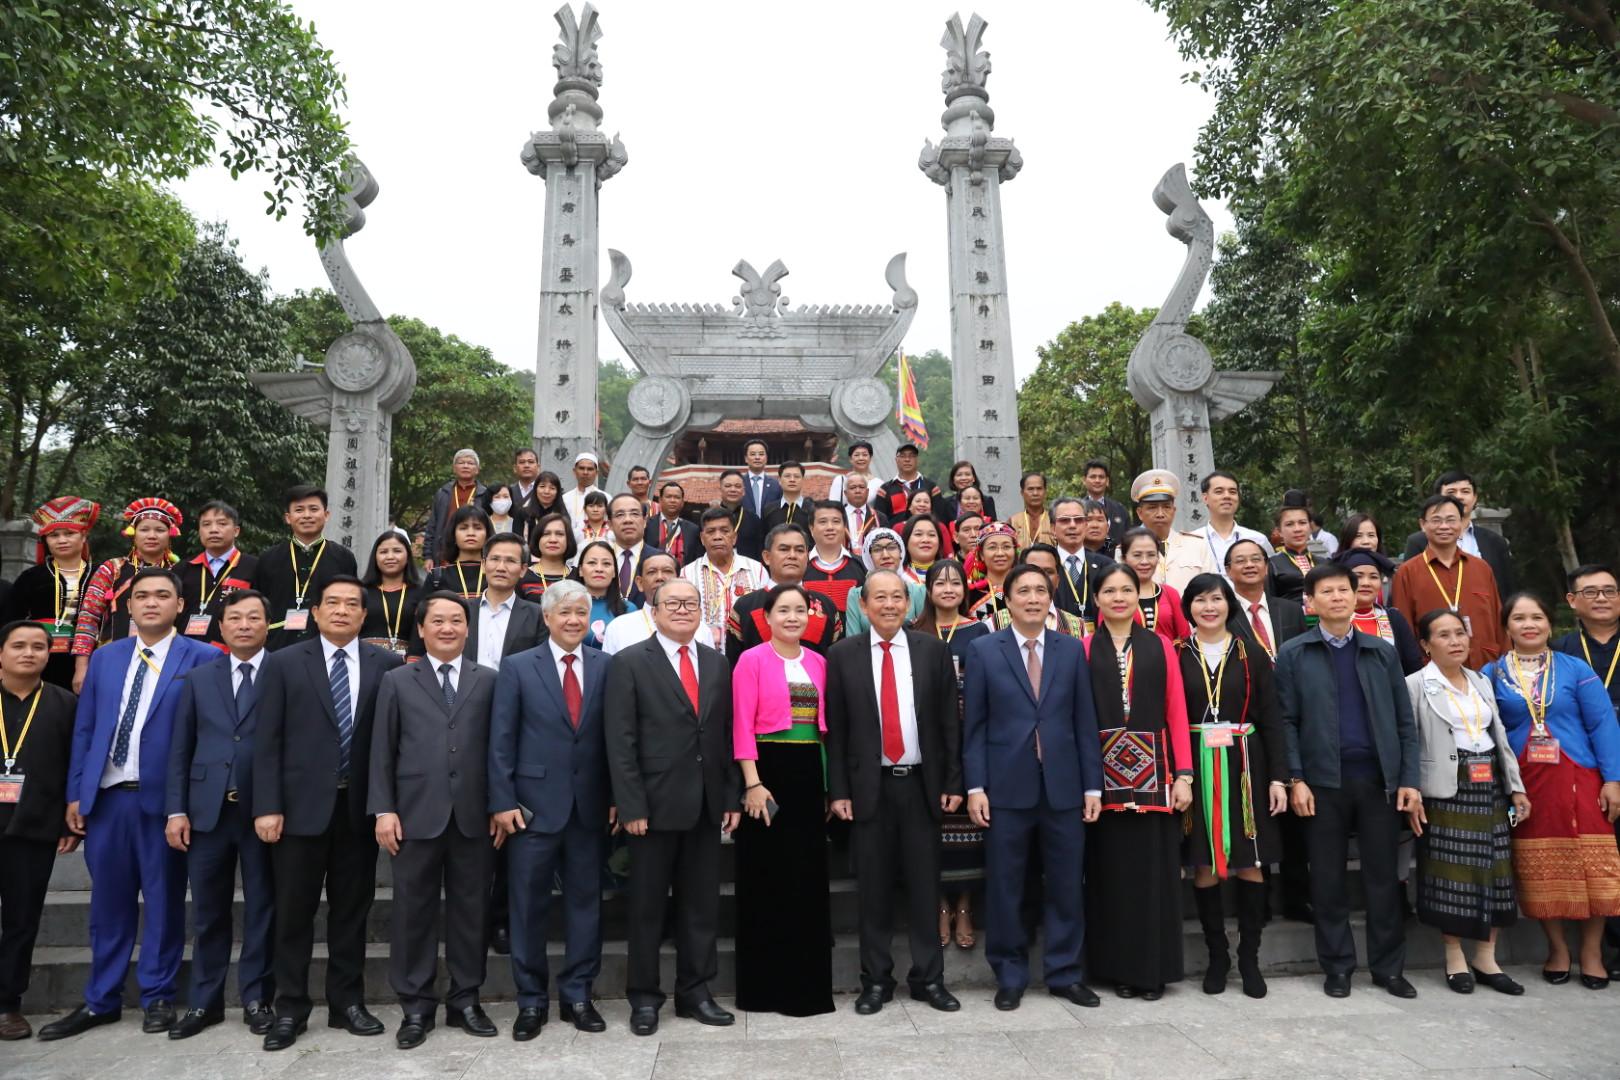 Các đại biểu chụp ảnh lưu niệm tại Đền Mẫu Âu Cơ